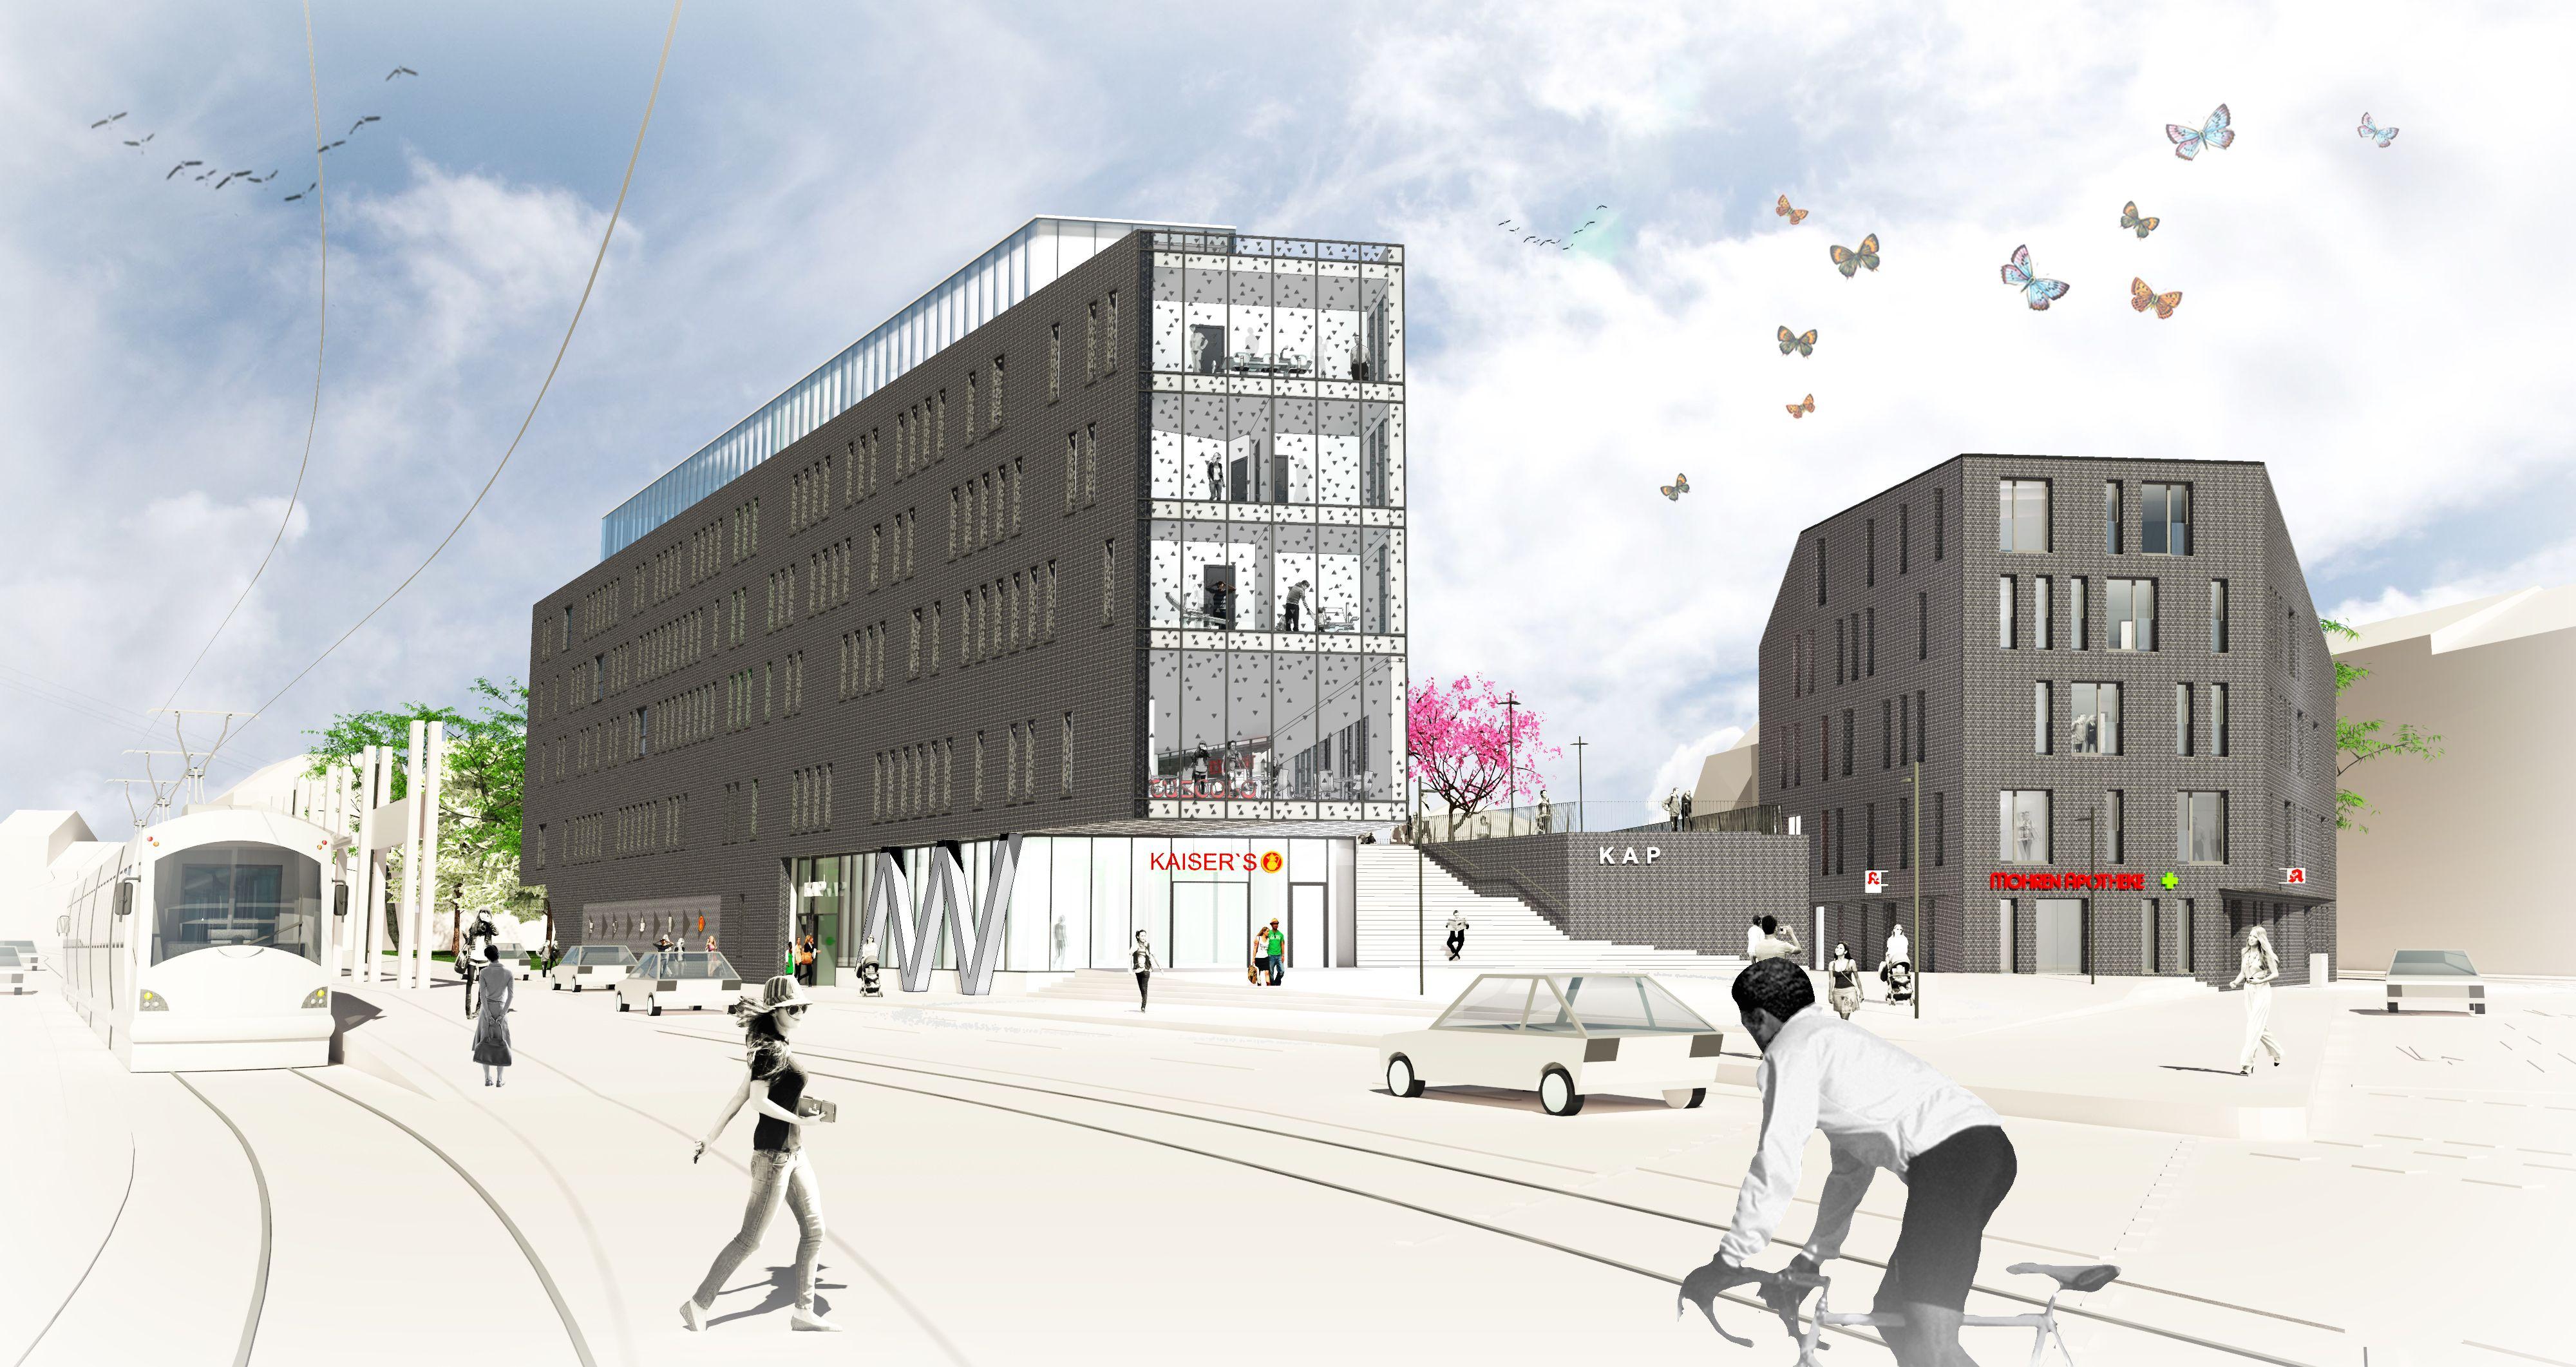 Kap bob architektur bonn beuel triangular tiles city balcony